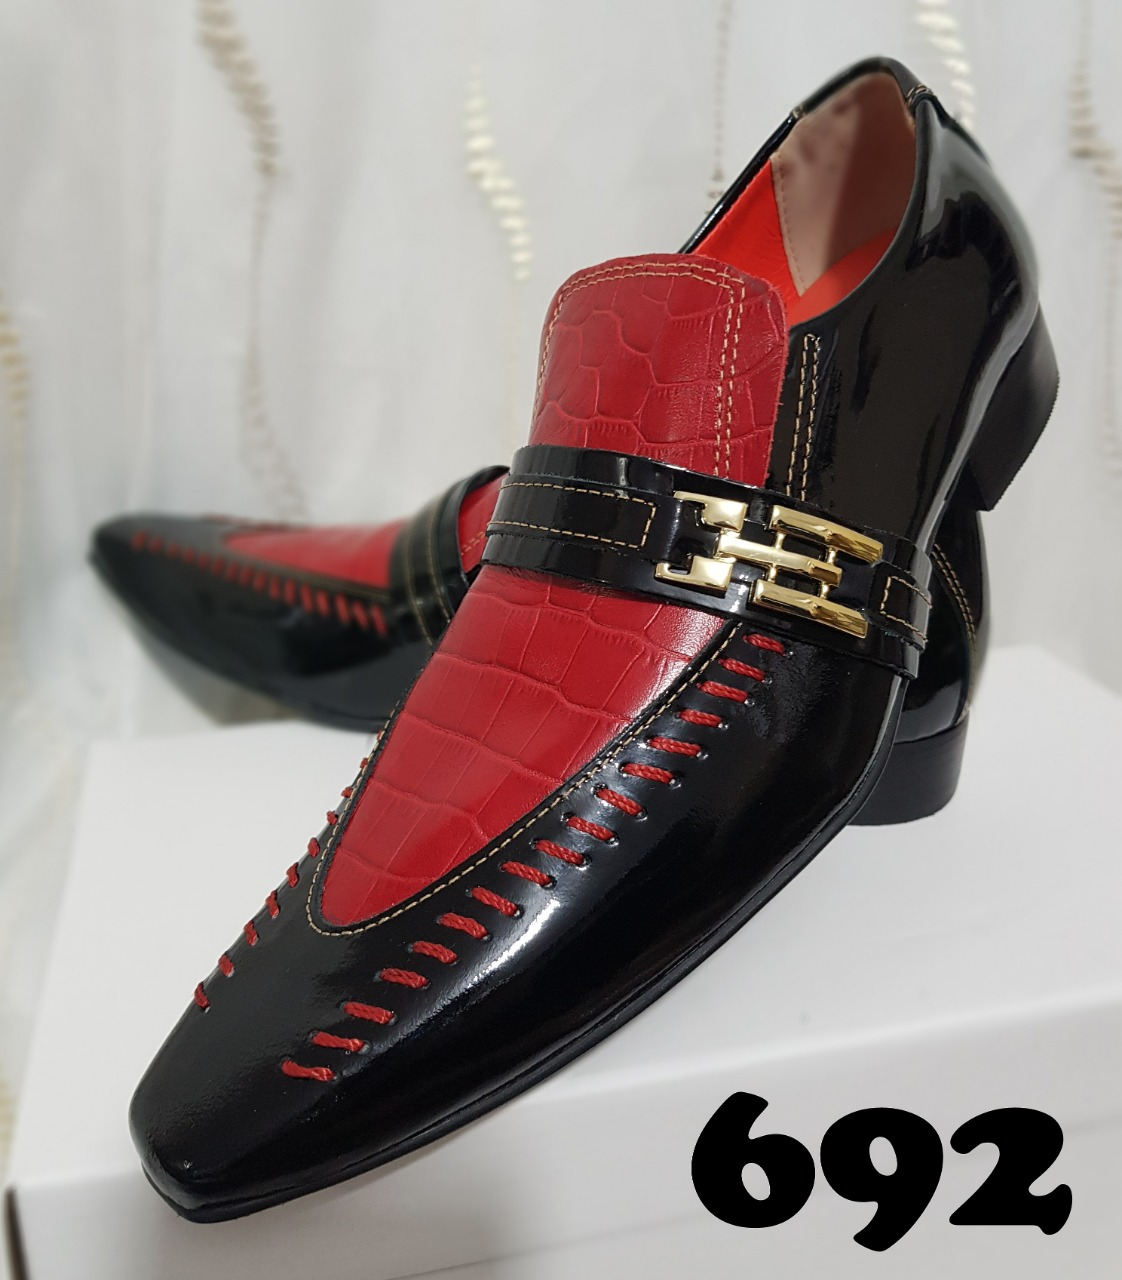 1fa5b4b6c1 ... verniz preto e croco vermelho 692. 🔍 Liquidação! Sapatos sociais sem  cadarço 692